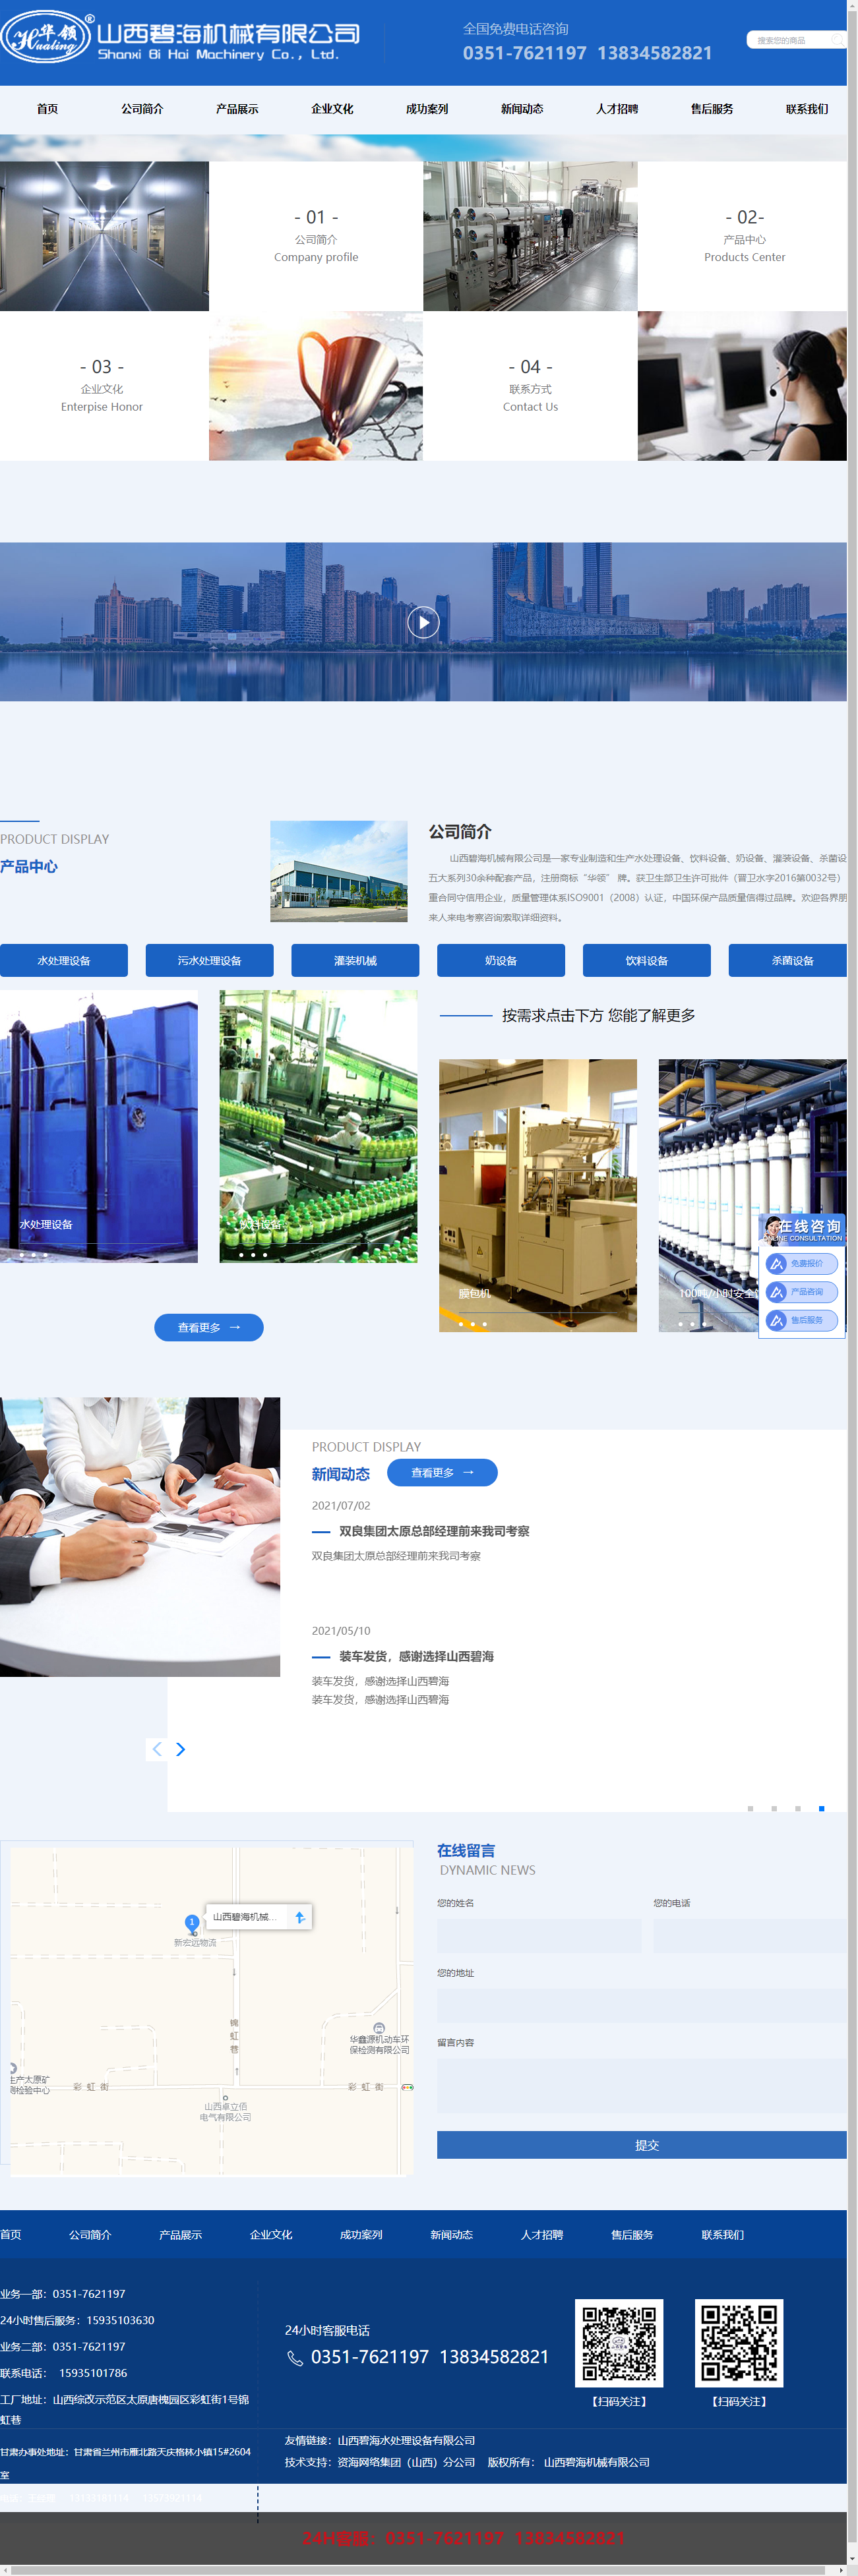 山西碧海机械有限公司网站案例